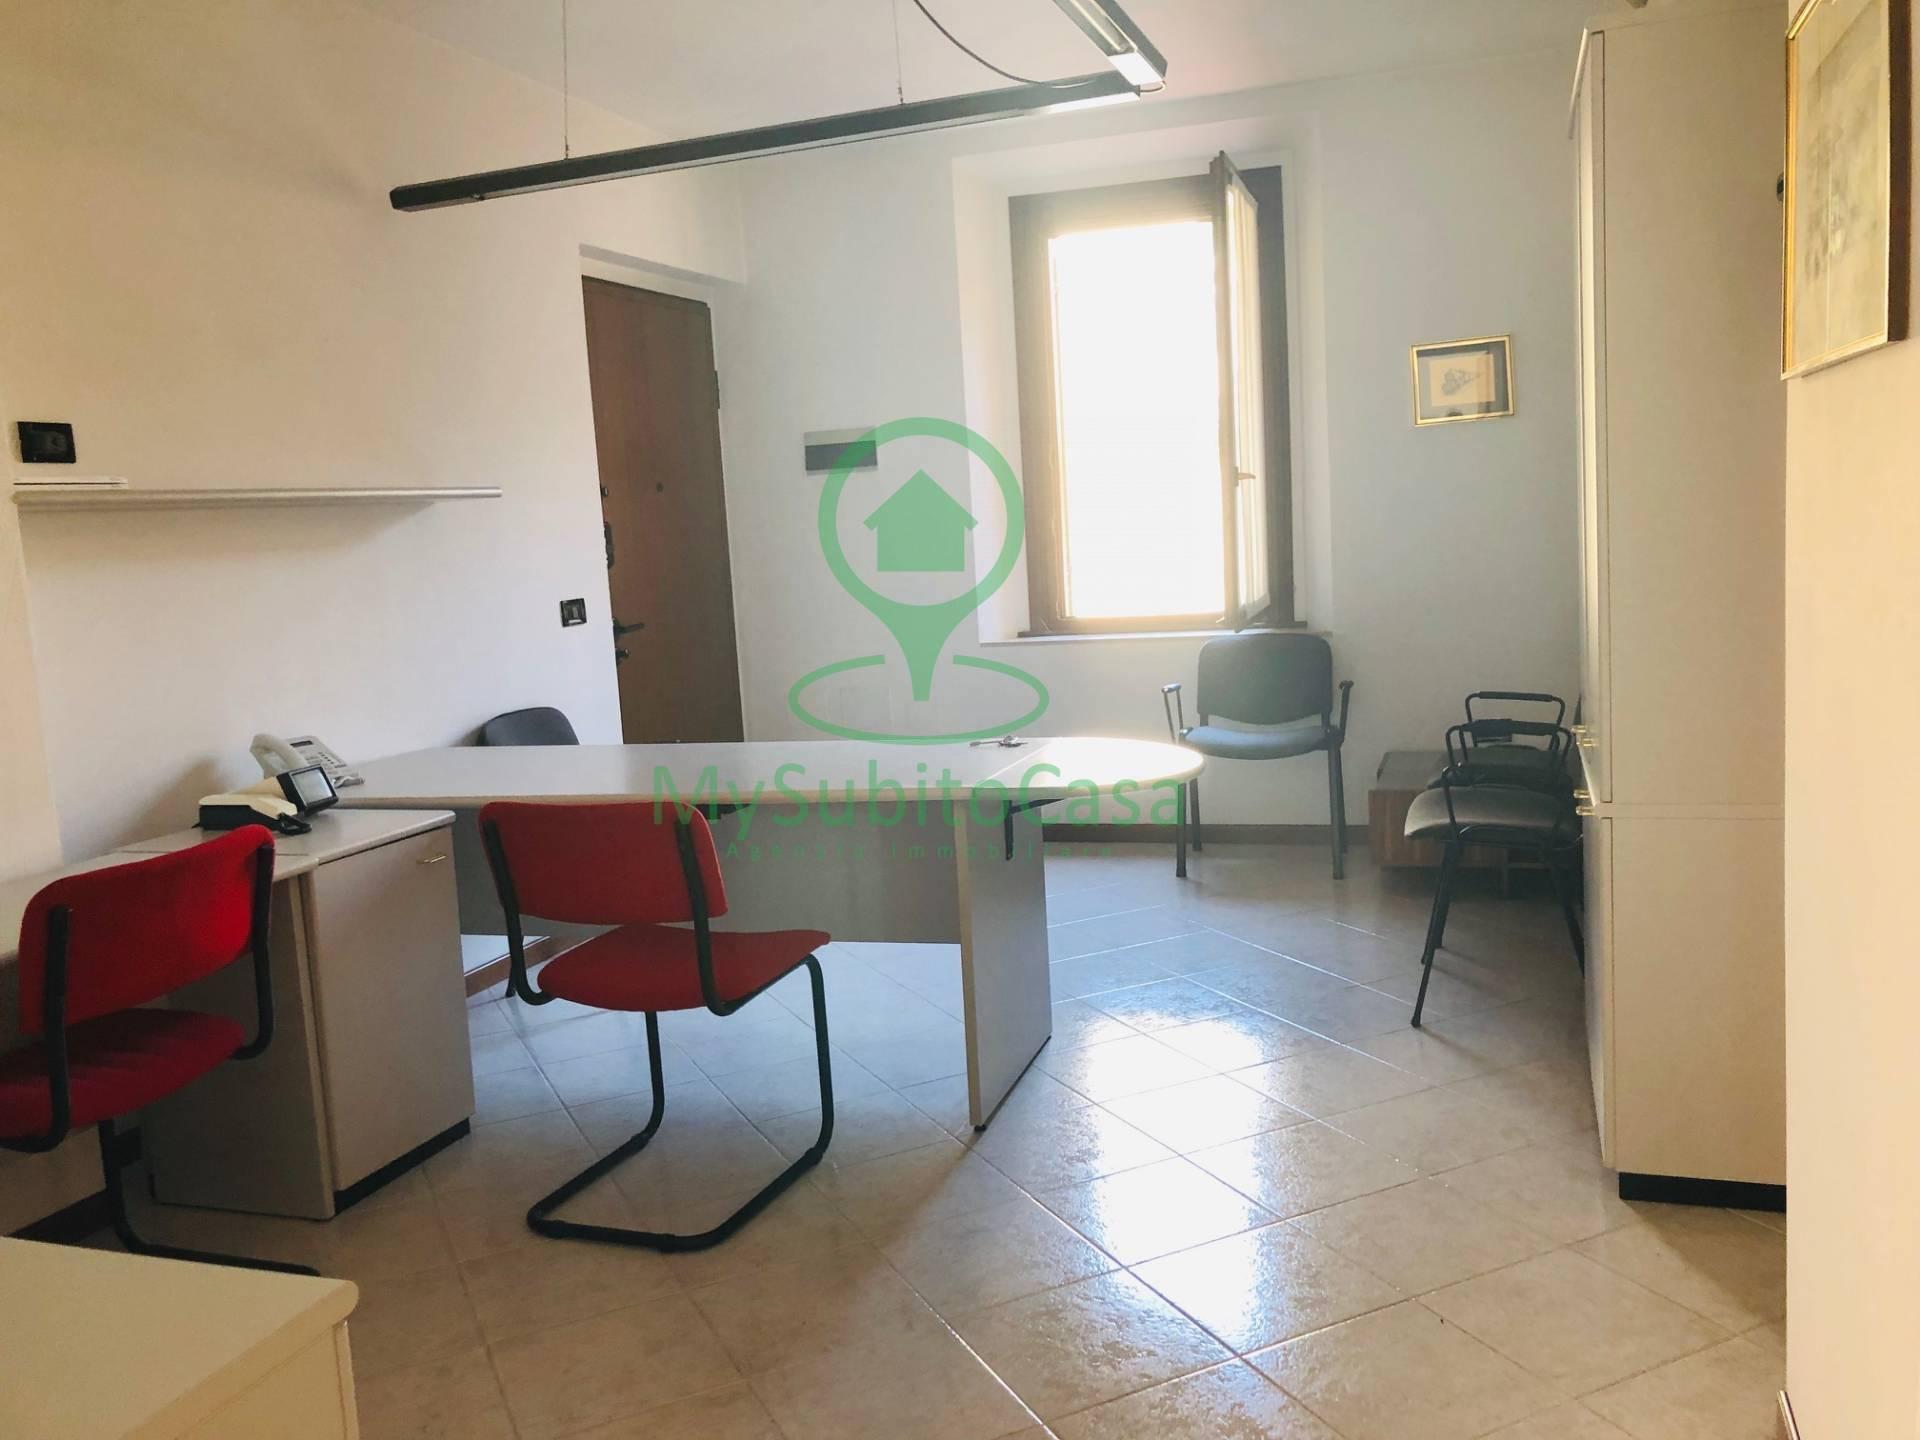 Ufficio / Studio in vendita a Castel Goffredo, 9999 locali, prezzo € 129.000 | PortaleAgenzieImmobiliari.it